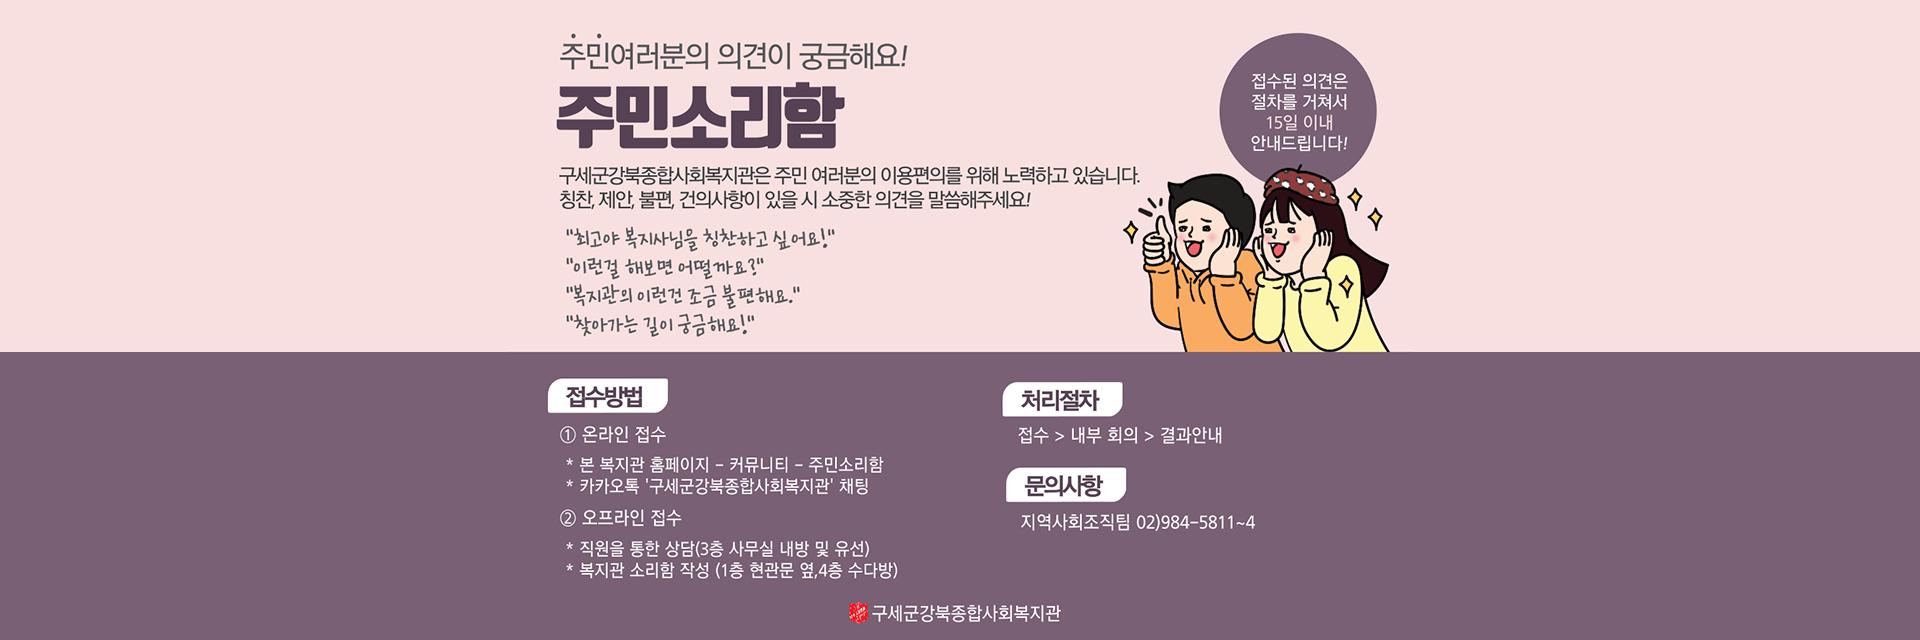 주민소리함 홍보 자료